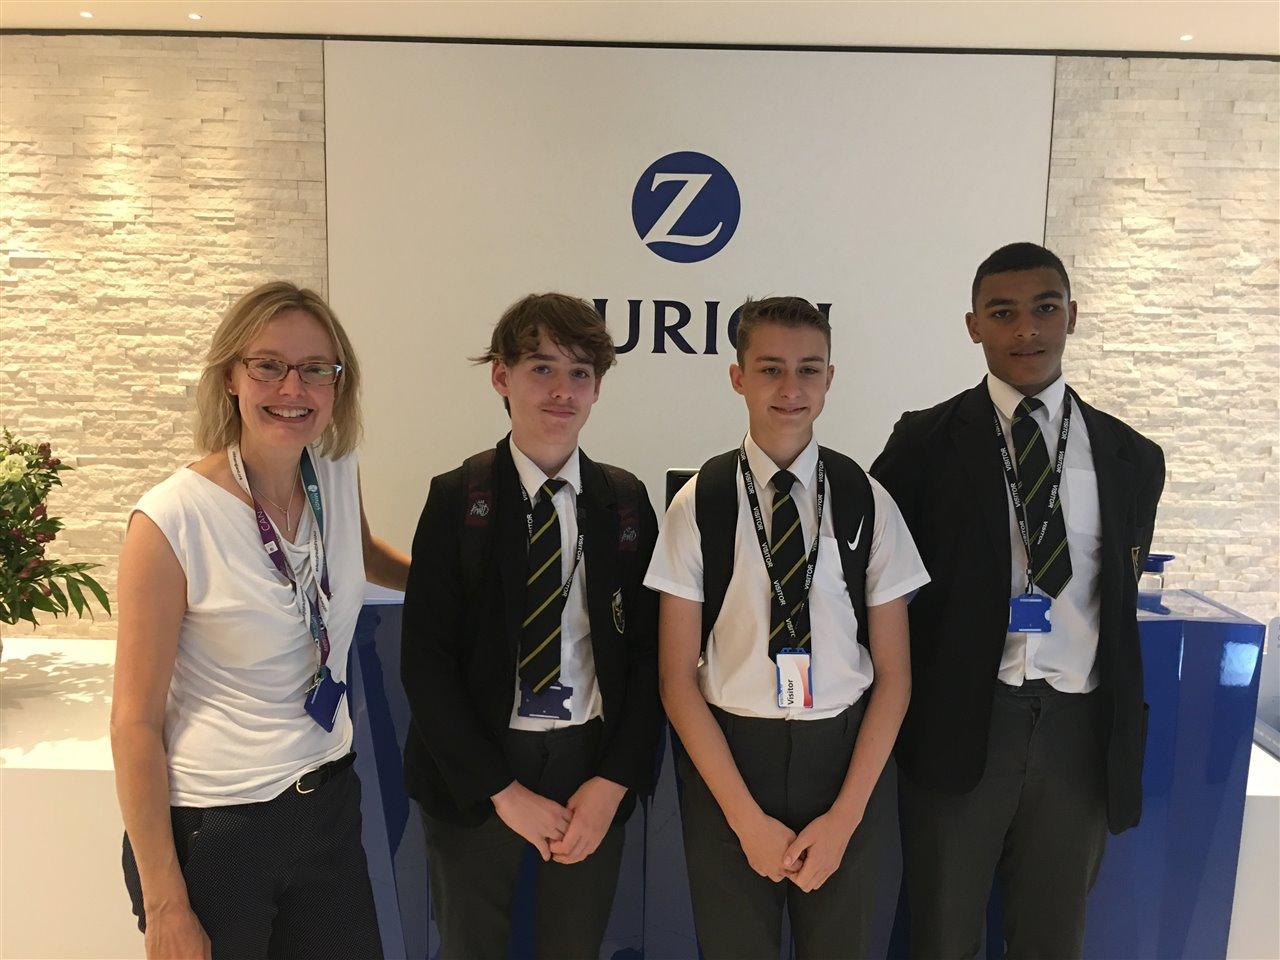 Zurich Insurance Challenge 1 July 19 Highams Park School